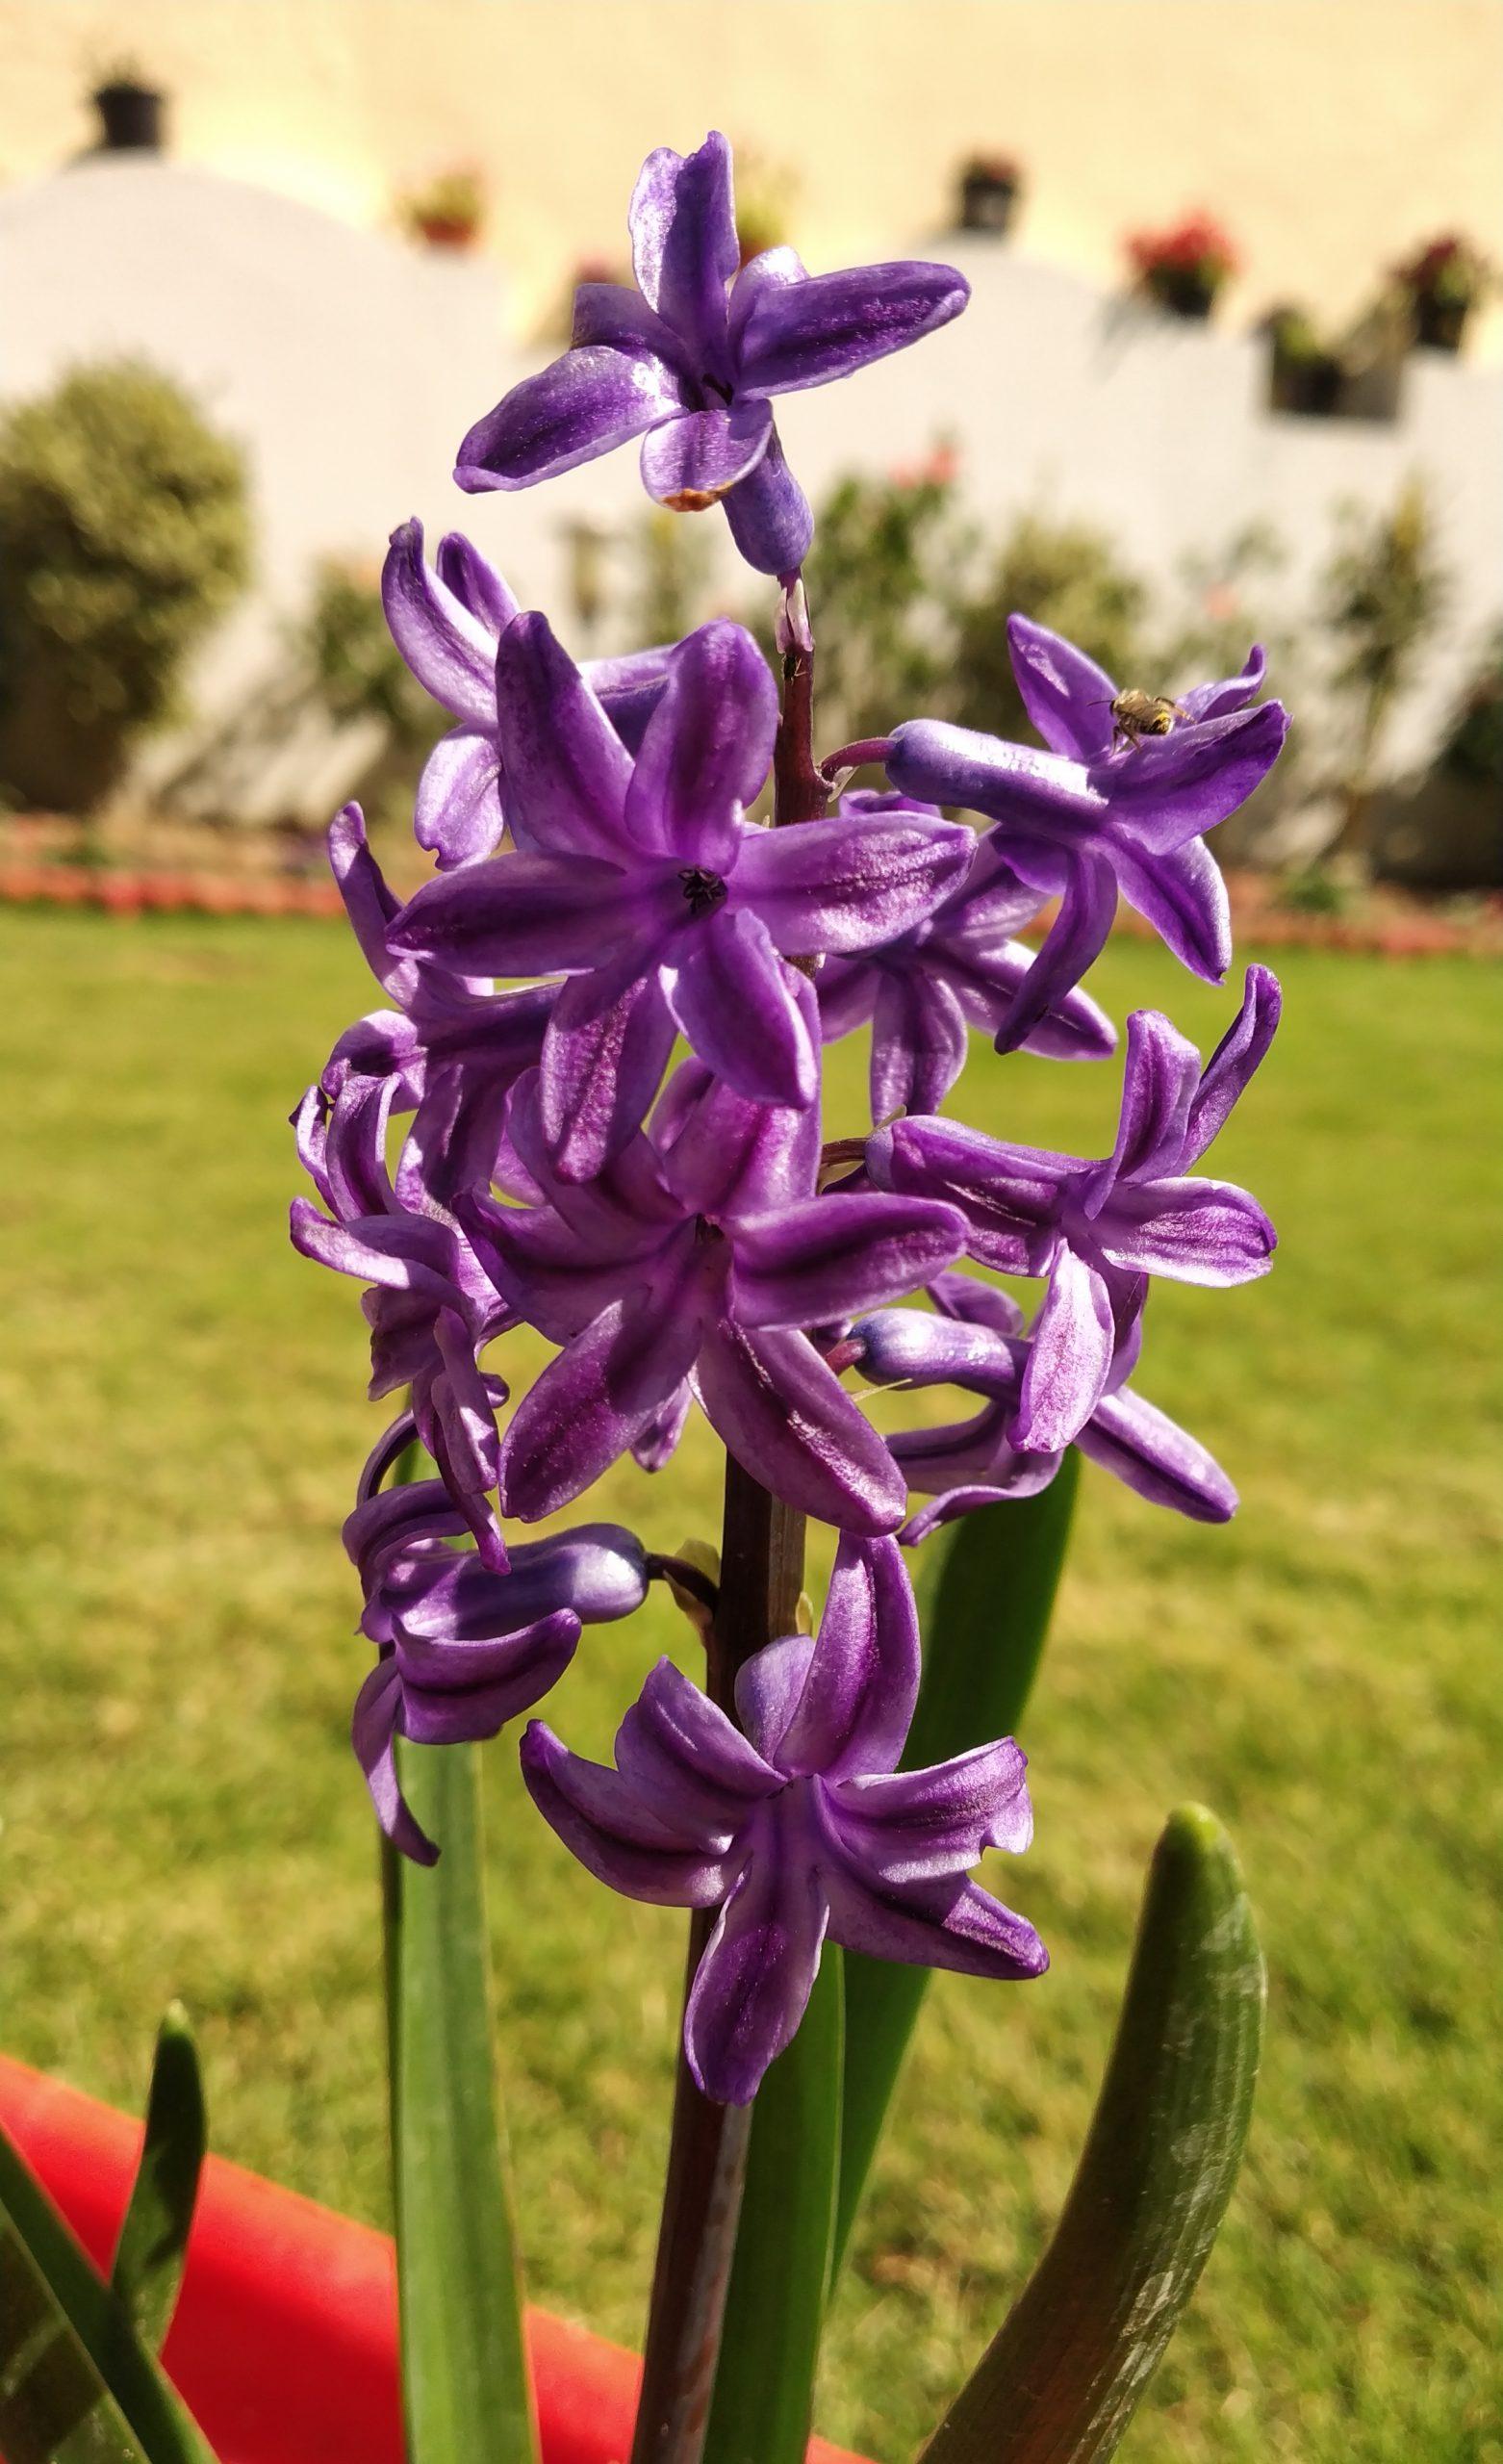 Hyacinth flower on plant